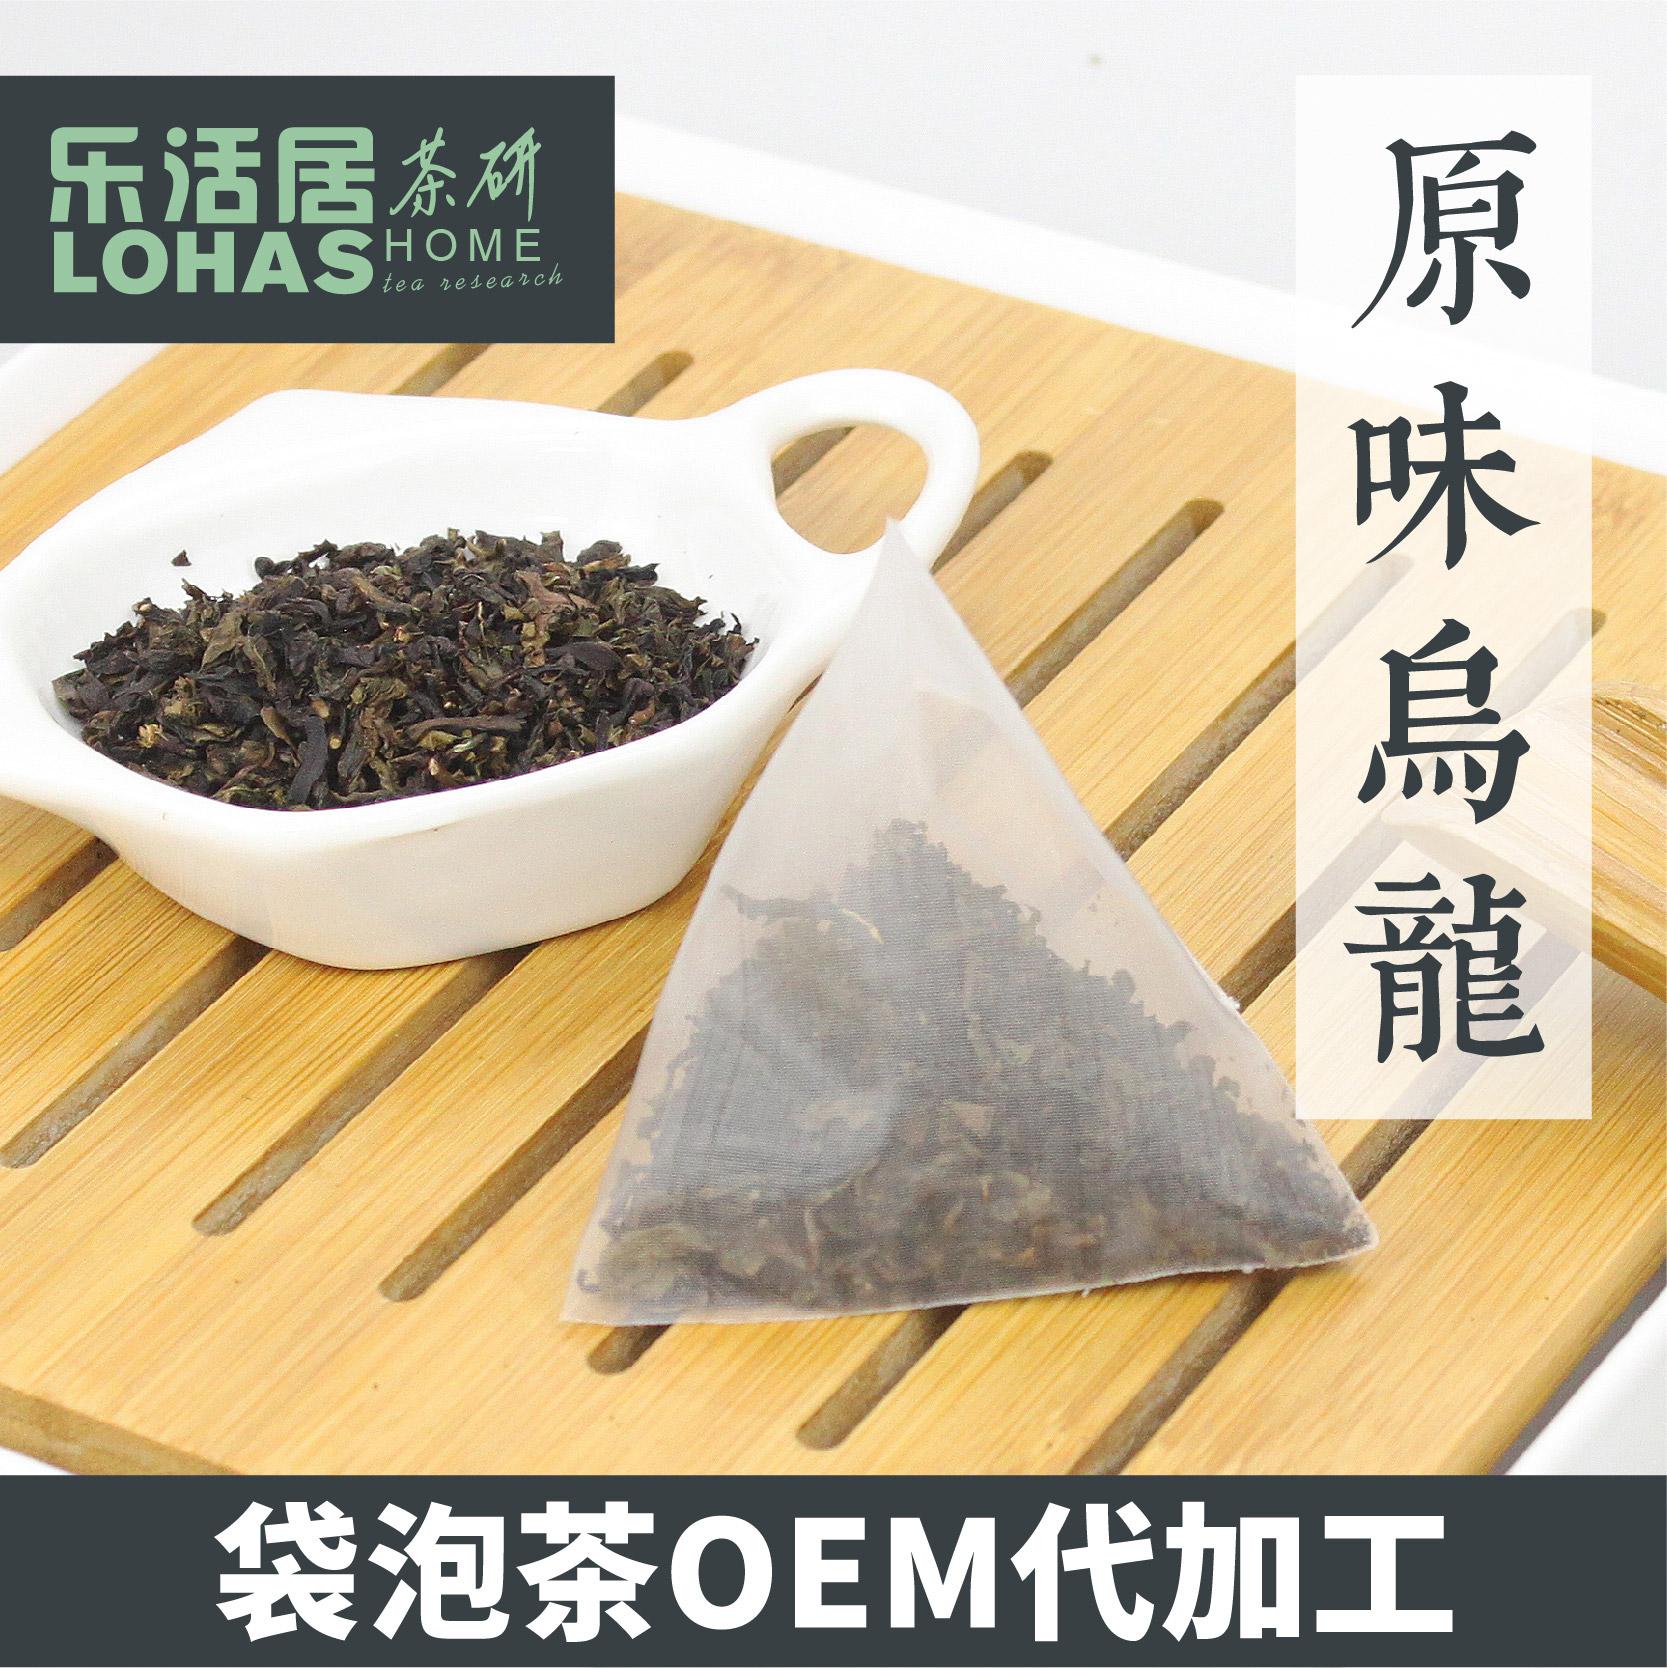 厂家大量批发原味乌龙乌龙茶三角包袋泡茶奶茶餐饮店原料专用直销